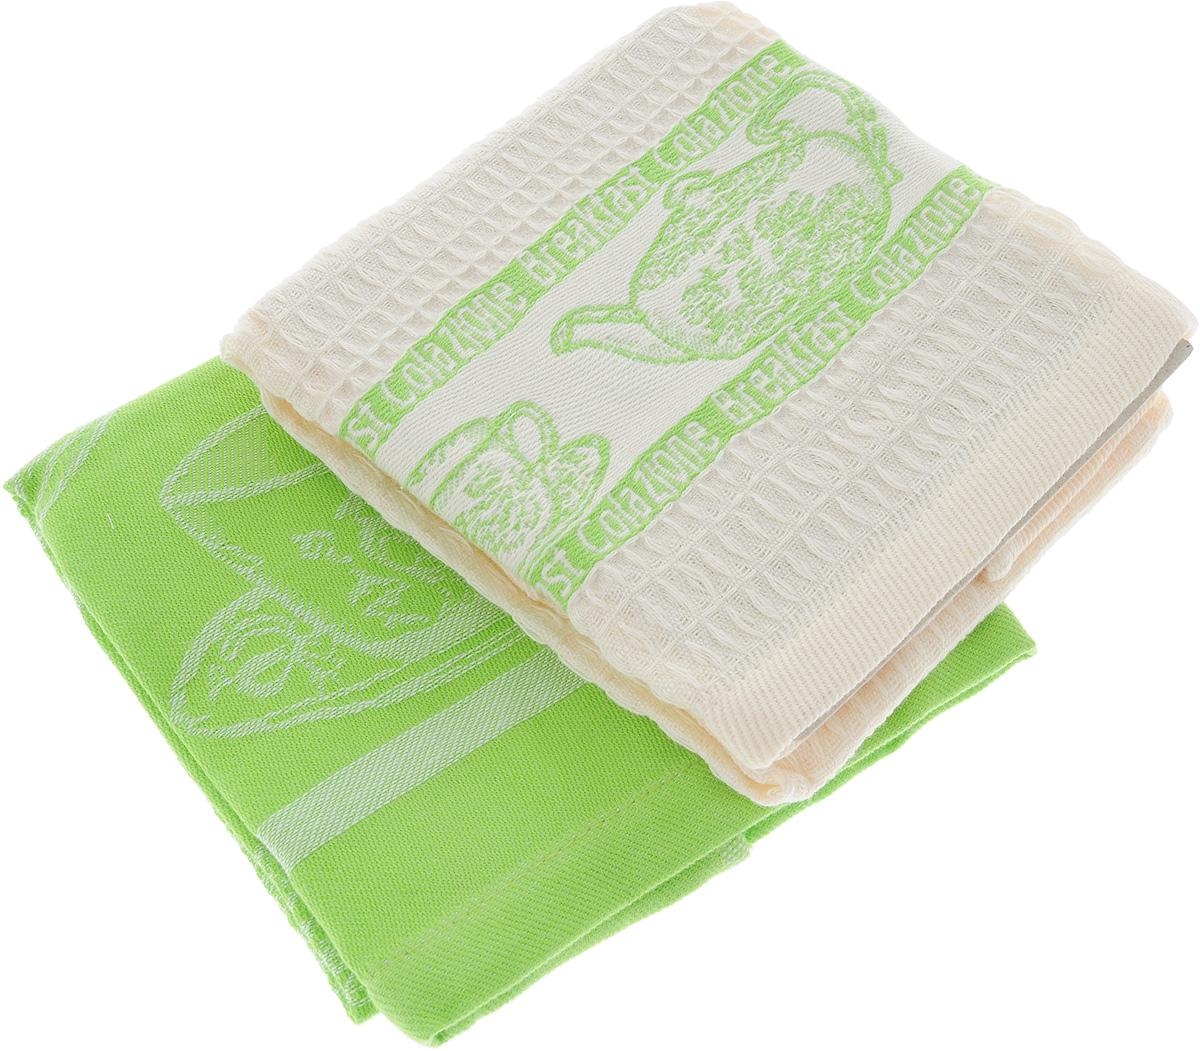 Набор кухонных полотенец Toalla Завтрак, цвет: зеленый, бежевый, 40 x 60 см, 2 штVT-1520(SR)Набор Toalla Завтрак состоит из двух прямоугольных полотенец, выполненных из 100% хлопка. Ткань полотенец обладает высокой плотностью и мягкостью, отличается высоким качеством и длительным сроком службы. В процессе эксплуатации материал становится только мягче и приятней на ощупь. Египетский хлопок не содержит линта (хлопковый пух), поэтому на ткани не образуются катышки даже после многократных стирок и длительного использования. Сверхдлинные волокна придают ткани характерный красивый блеск. Полотенца отлично впитывают влагу и быстро сохнут. Набор предназначен для использования на кухне и в столовой. Полотенца дополнены изящным вышитым бордюром.Набор полотенец Toalla Завтрак - отличное приобретение для каждой хозяйки.